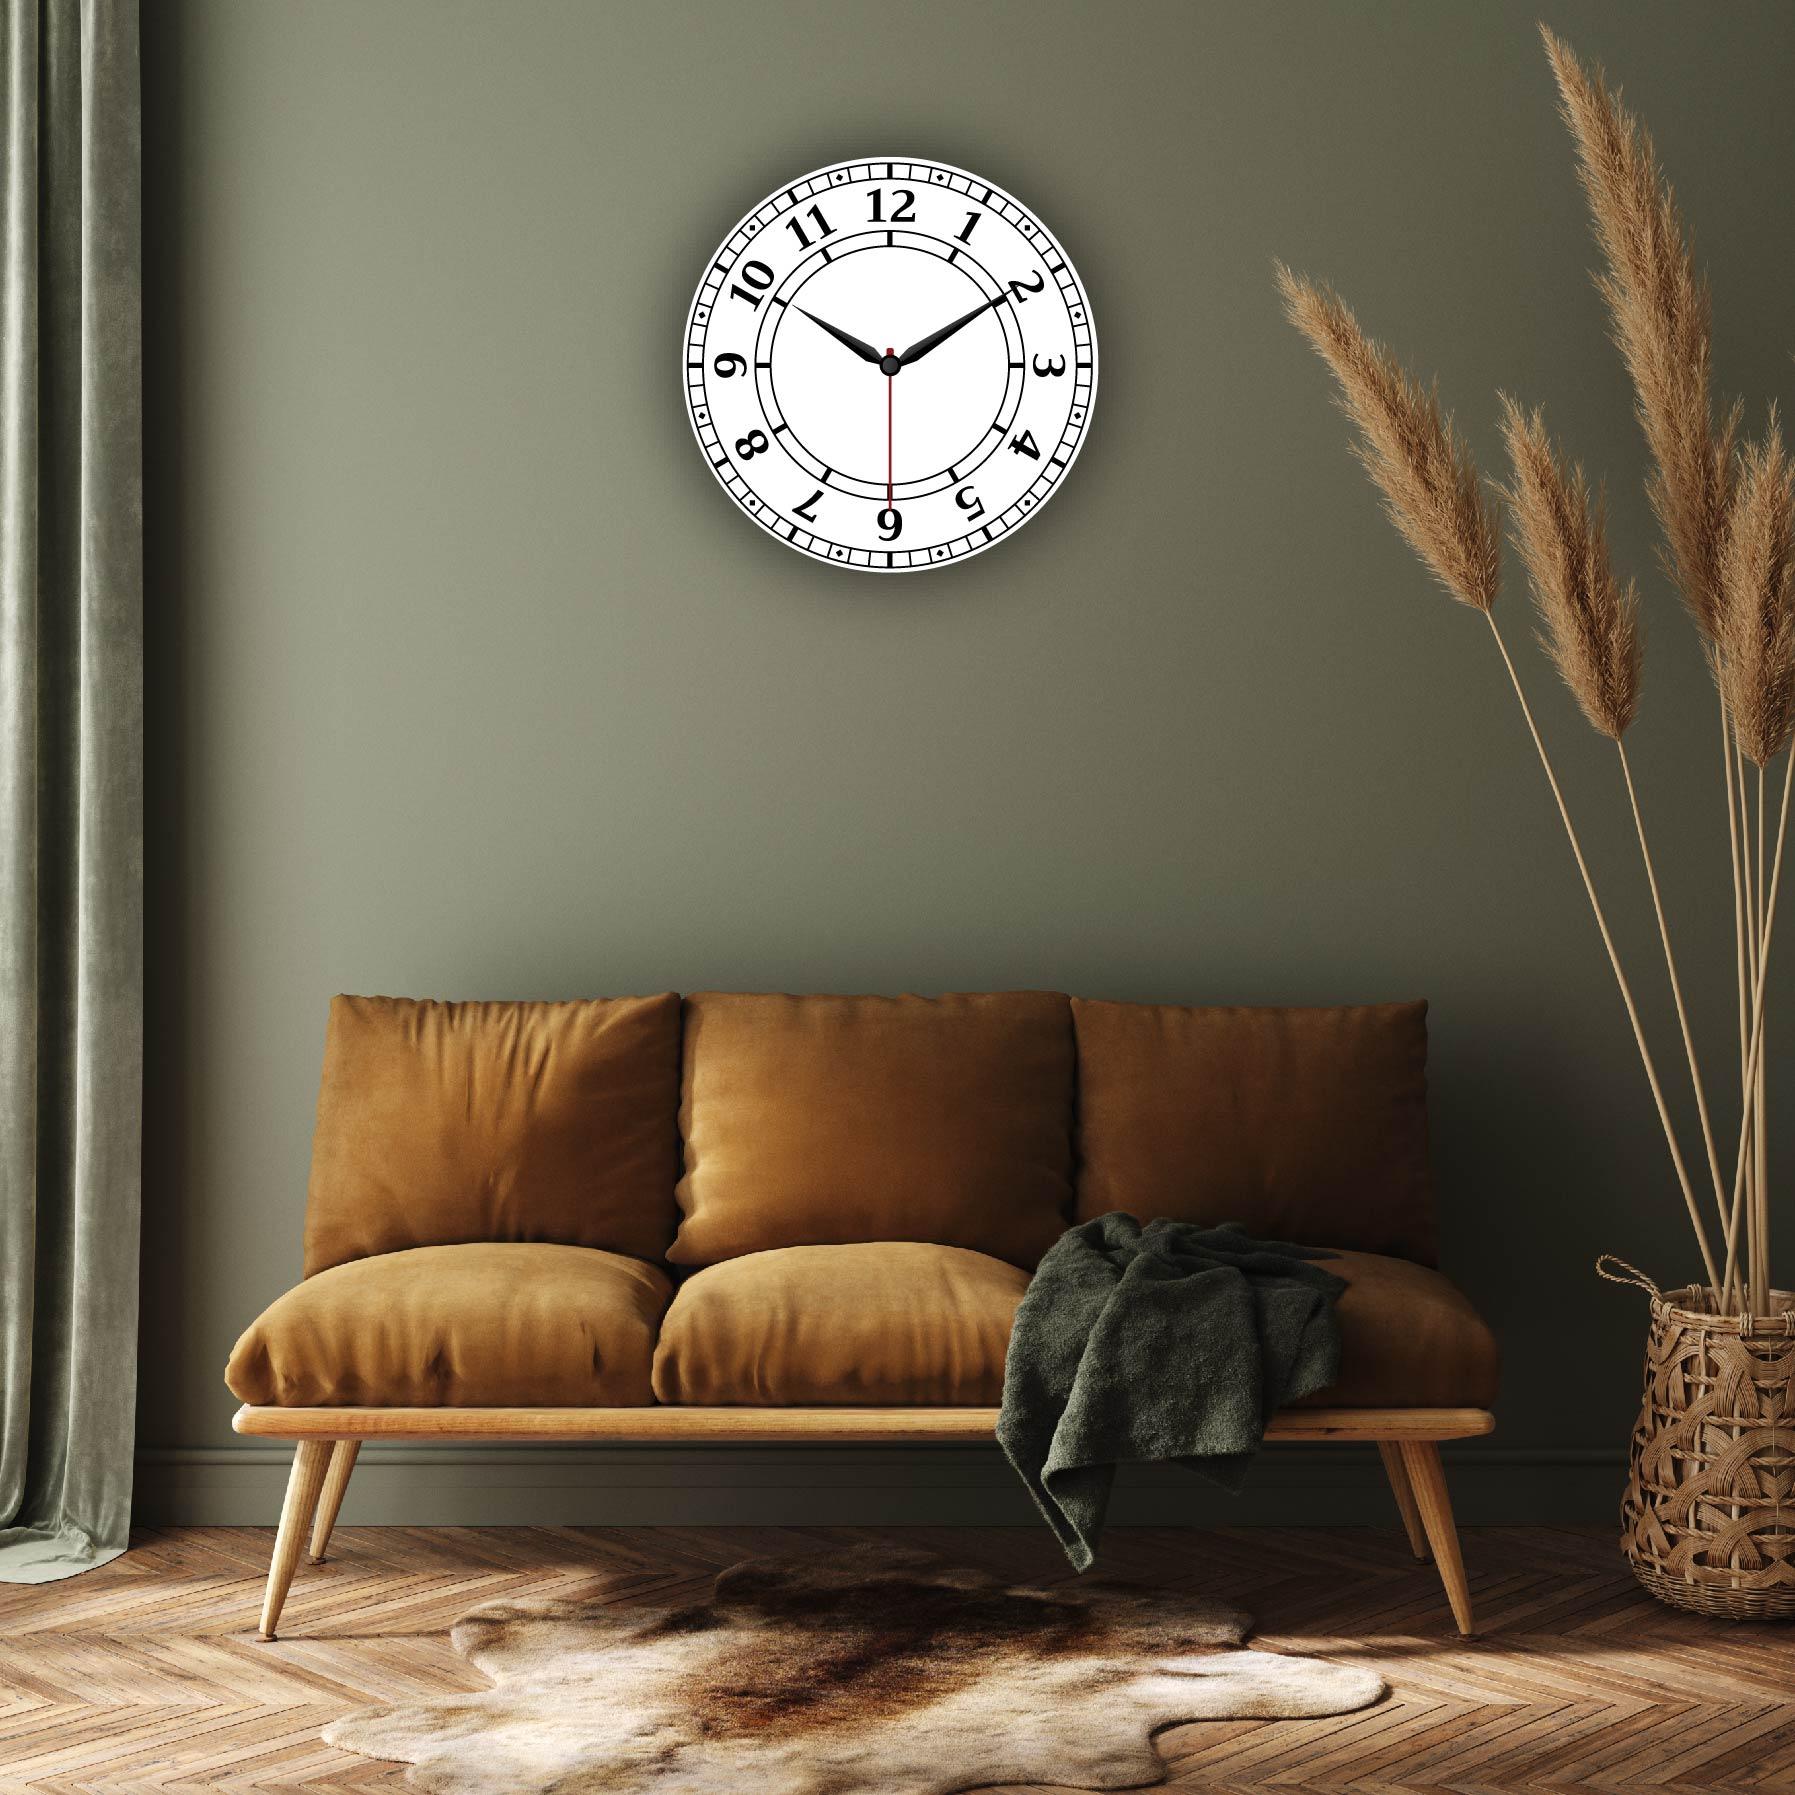 Dijital Baskılı Dekoratif Mdf Duvar Saati Model-104